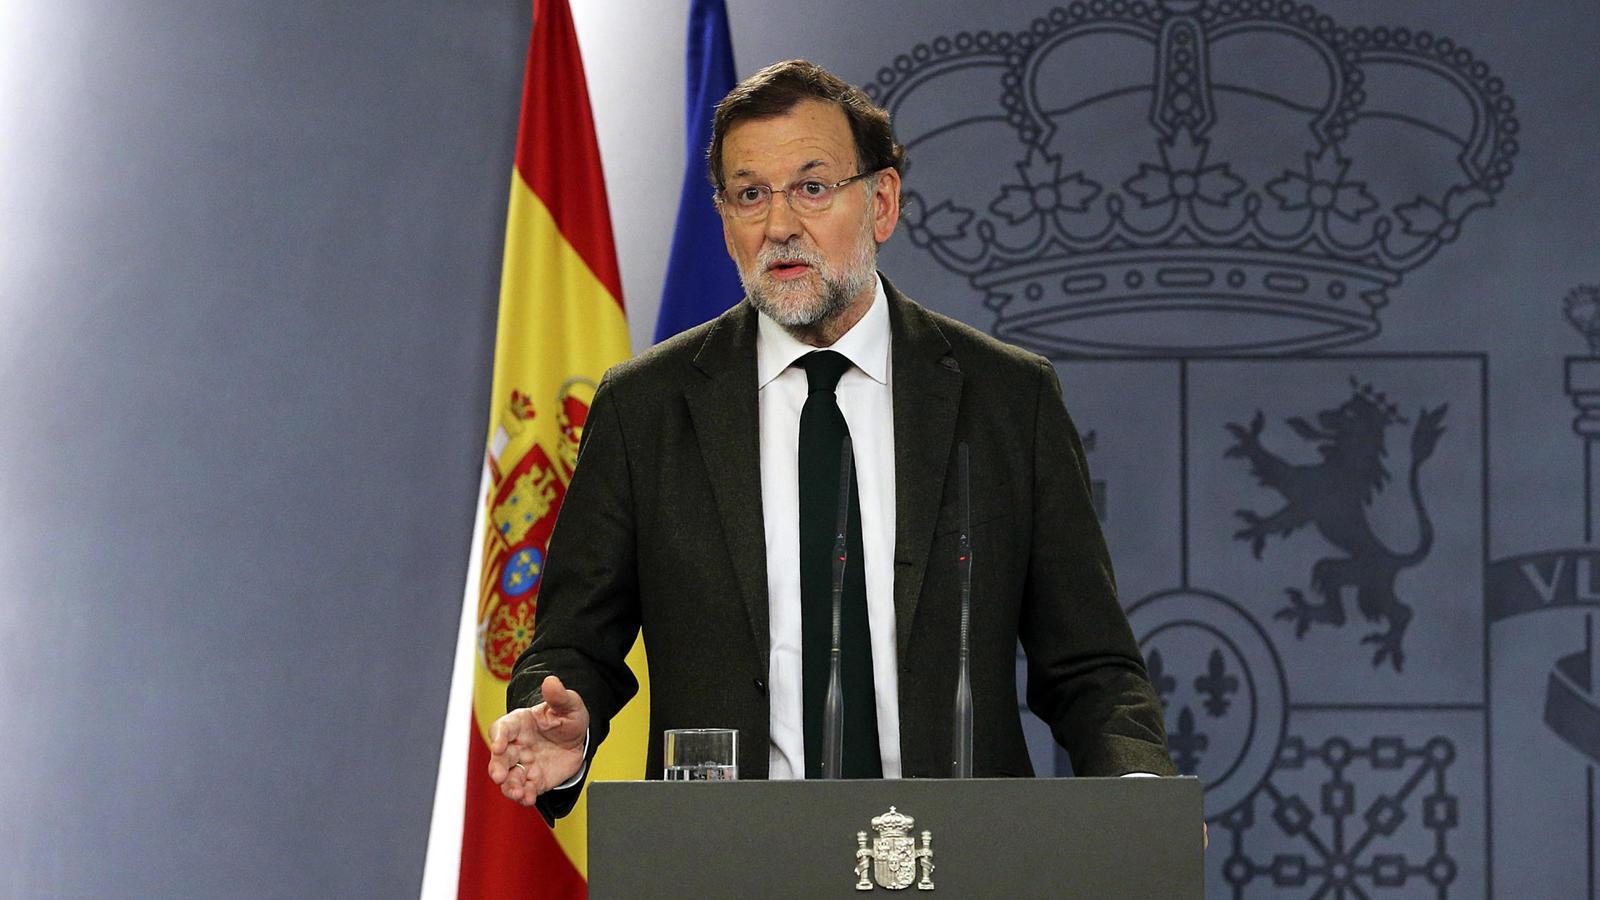 'Da la sensación de que el independentismo tenía la intención de que aplicásemos el 155', asegura Rajoy